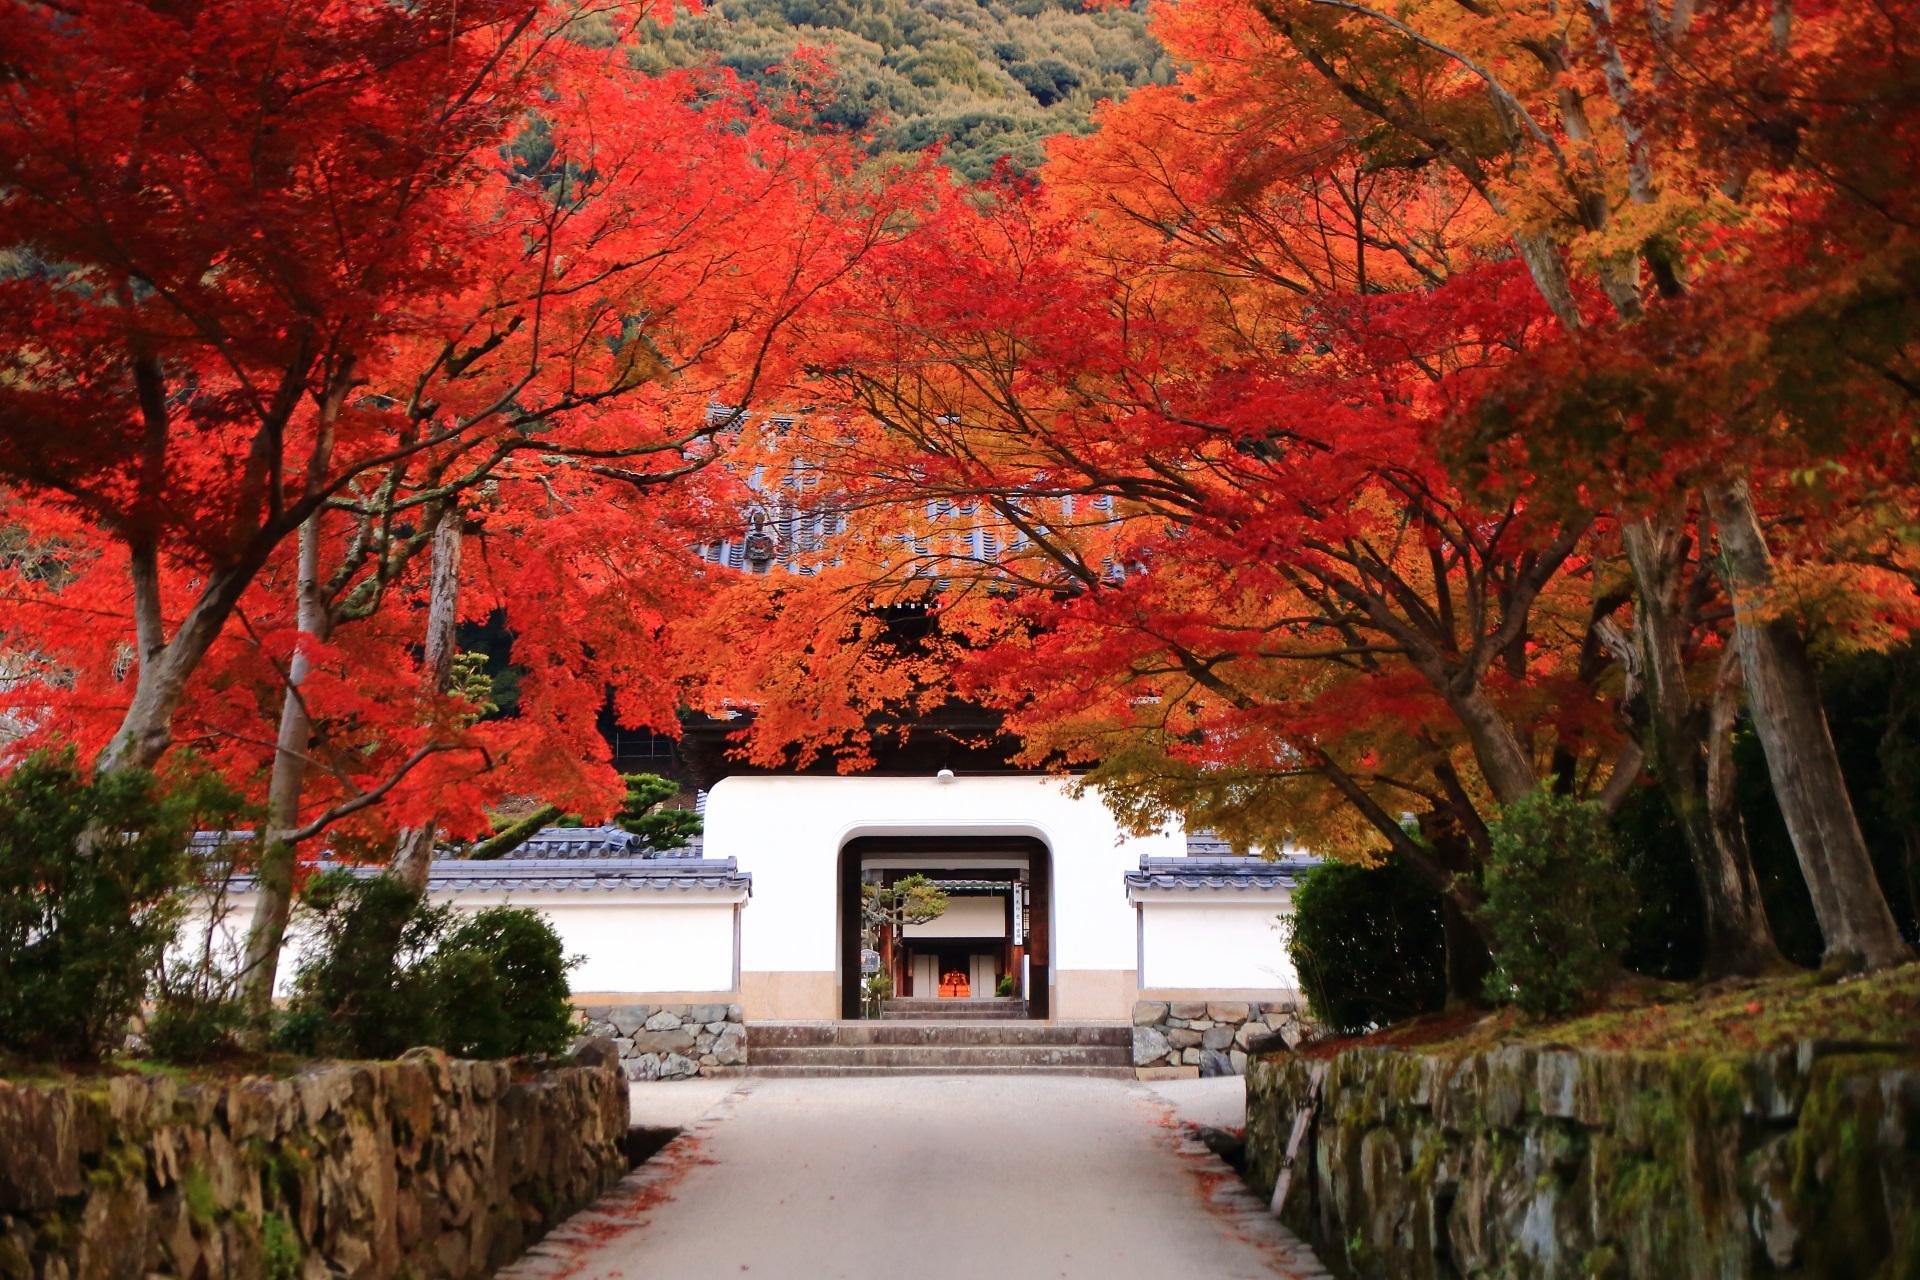 興聖寺の龍宮門を彩る琴坂の絶品の紅葉